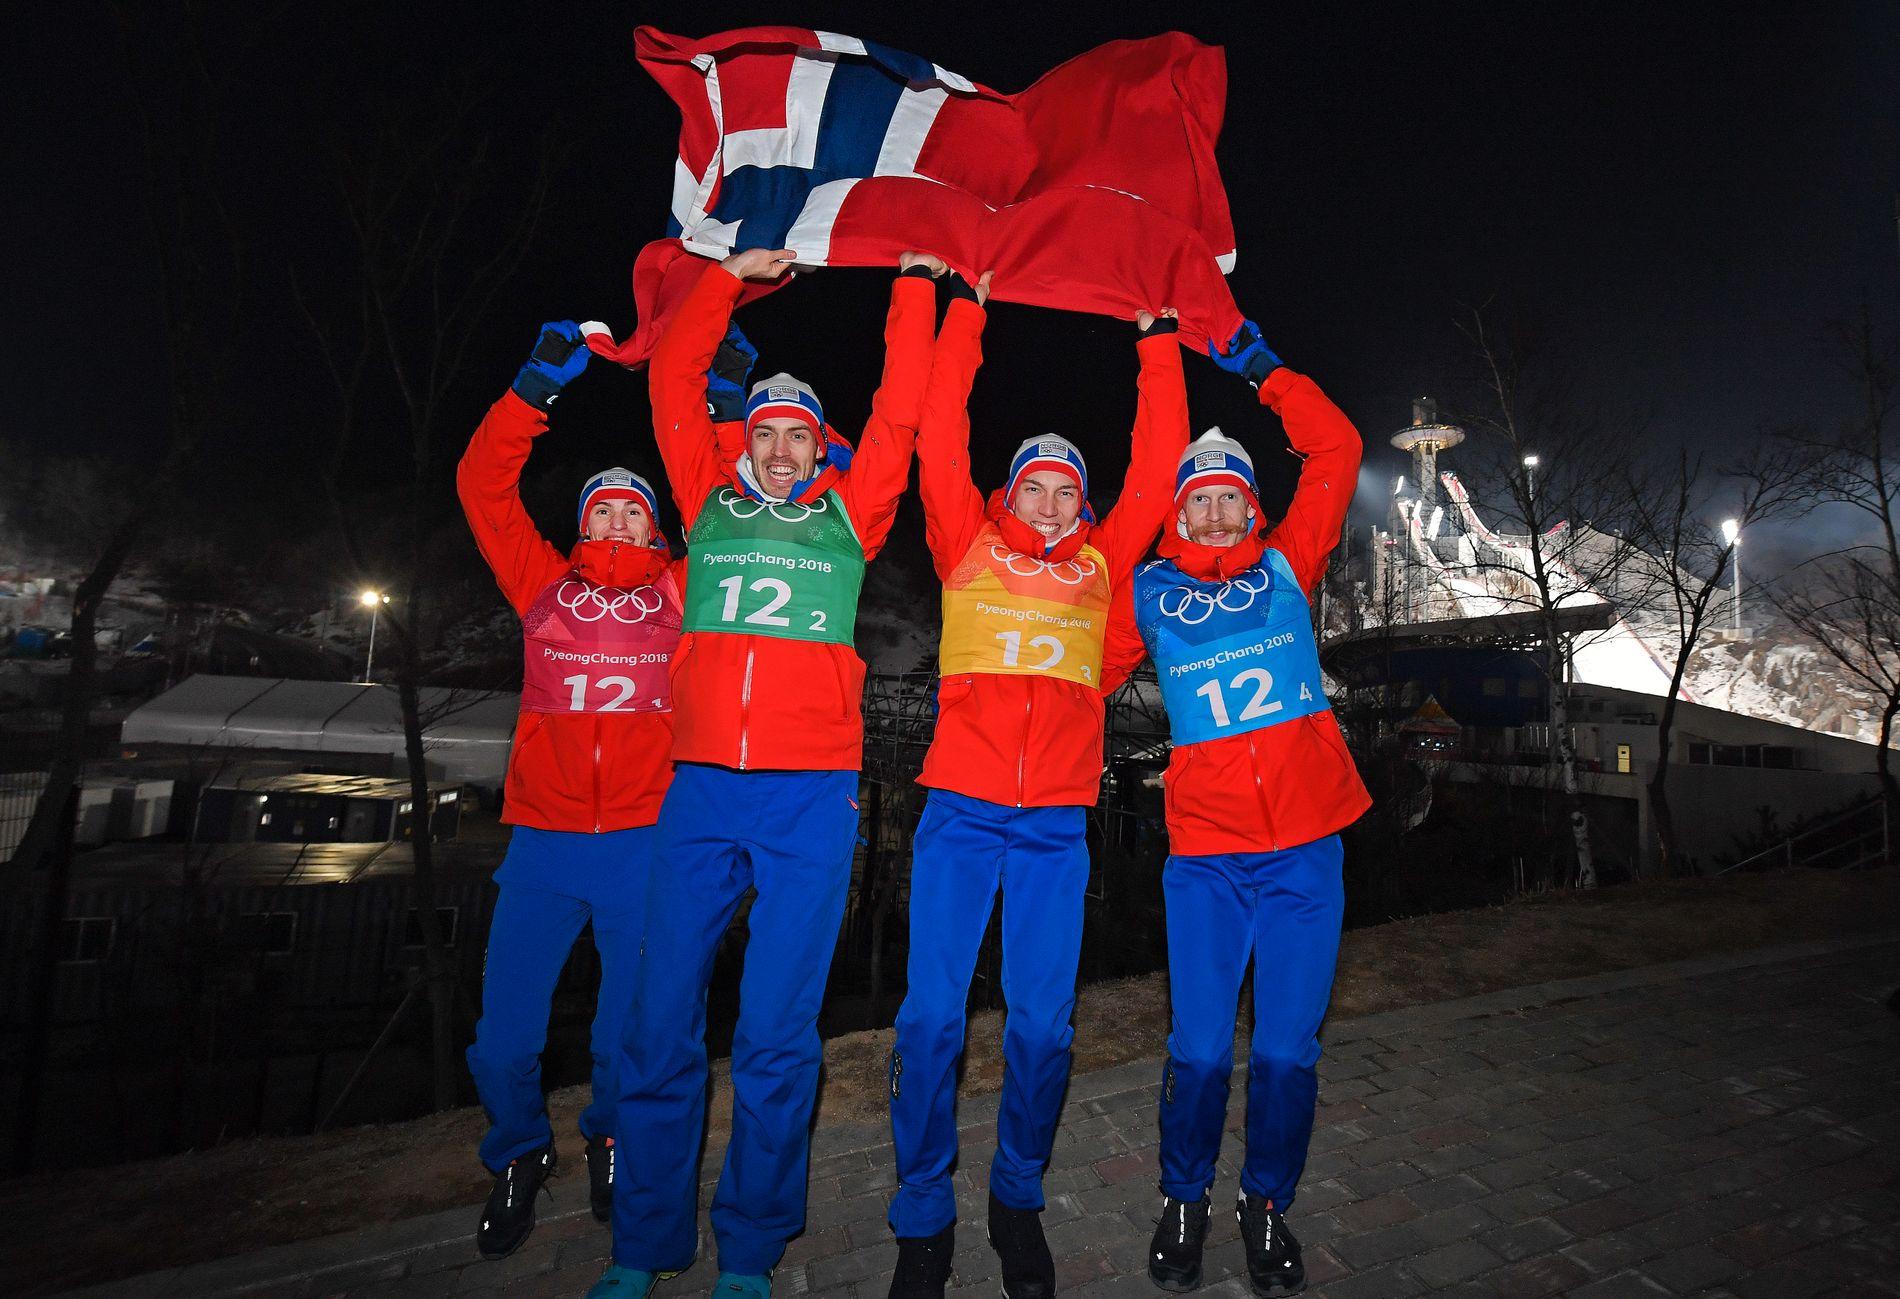 VÅRE BESTE MENN: Fra venstre: Daniel-André Tande, Andreas Stjernen, Johann André Forfang og Robert Johansson utenfor hoppanlegget etter triumfen i lagkonkurransen i OL mandag.